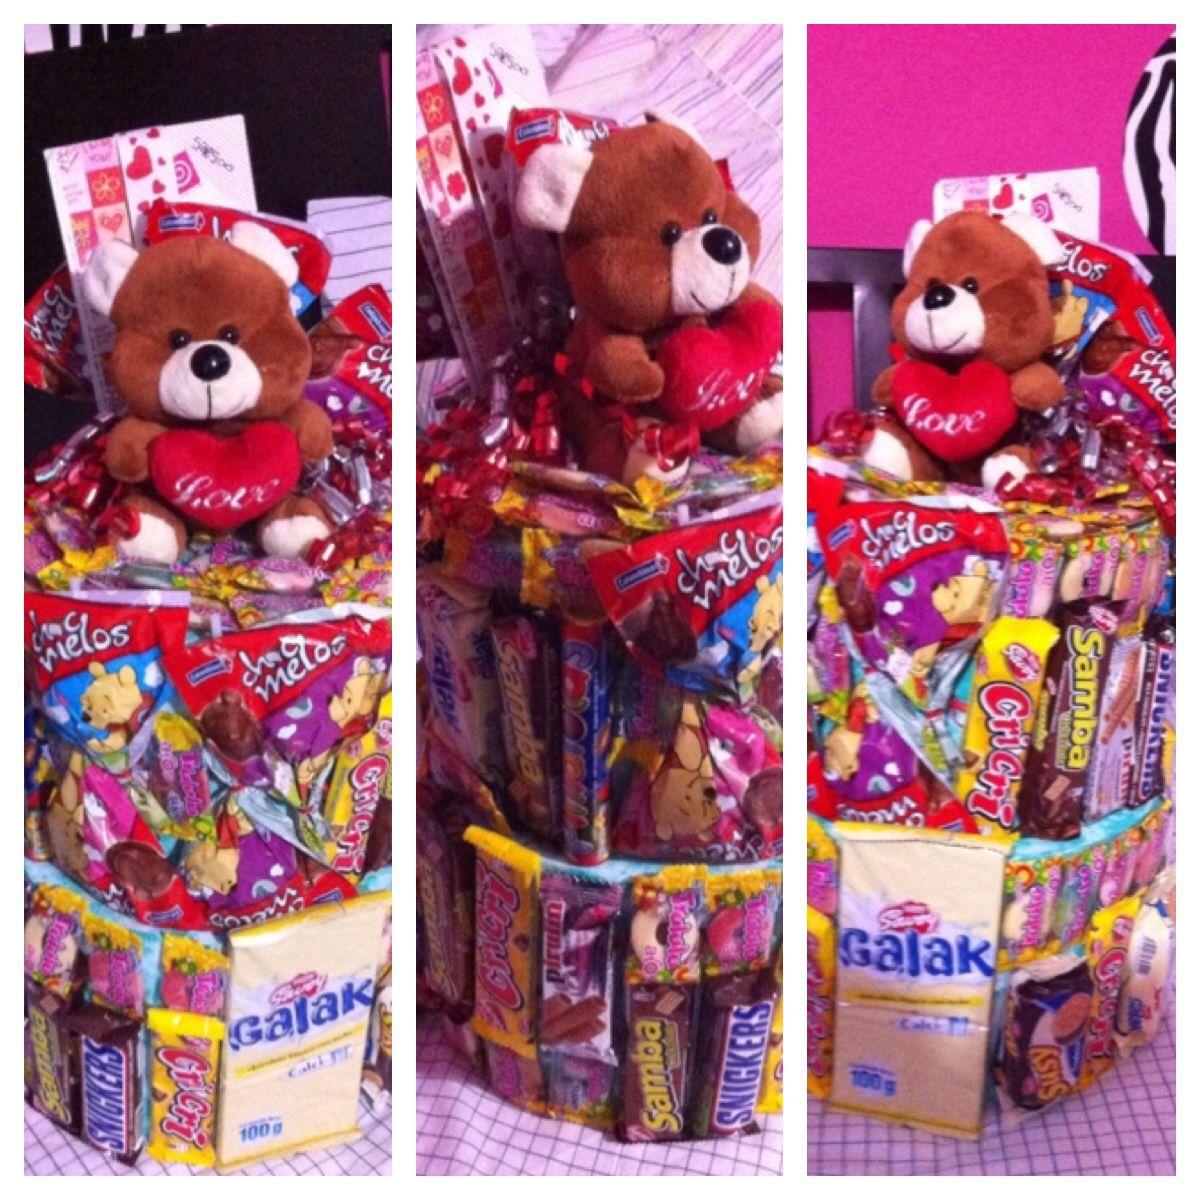 Mi regalo de san valent n para mi novio hecho por mi - Regalos especiales para san valentin ...